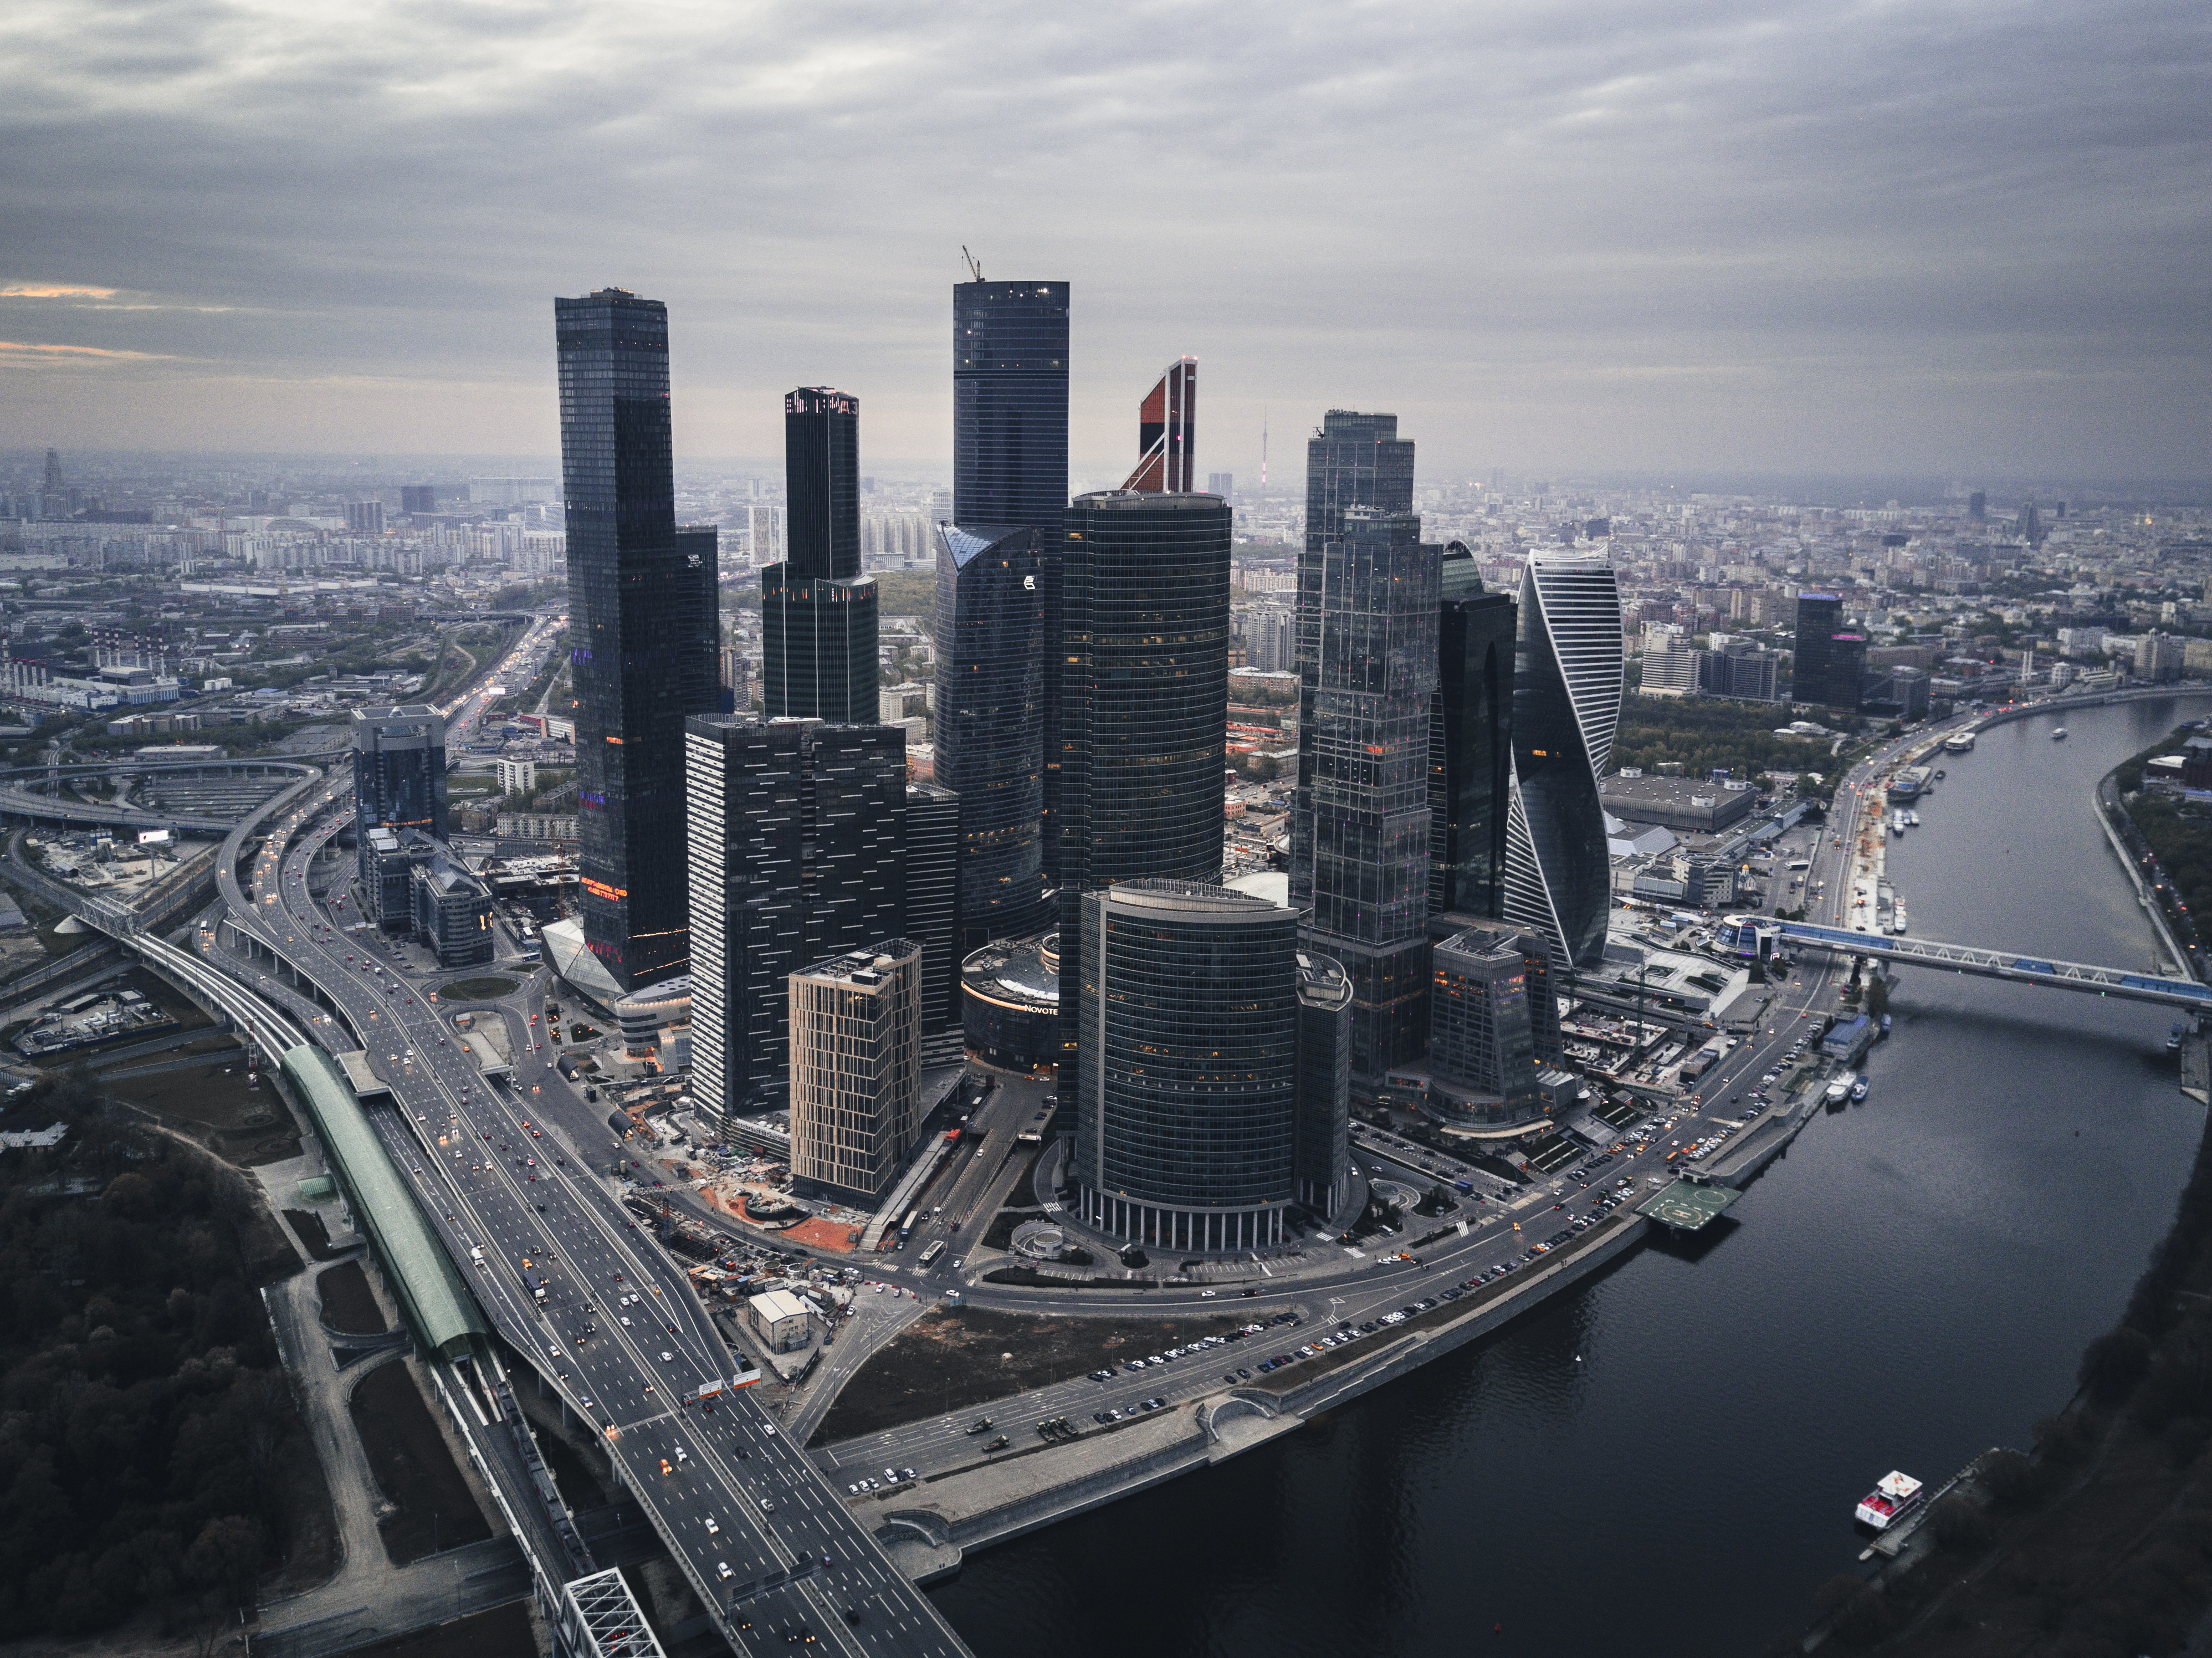 La manía de los rascacielos eclipsa el sueño de los barrios periféricos de Moscú